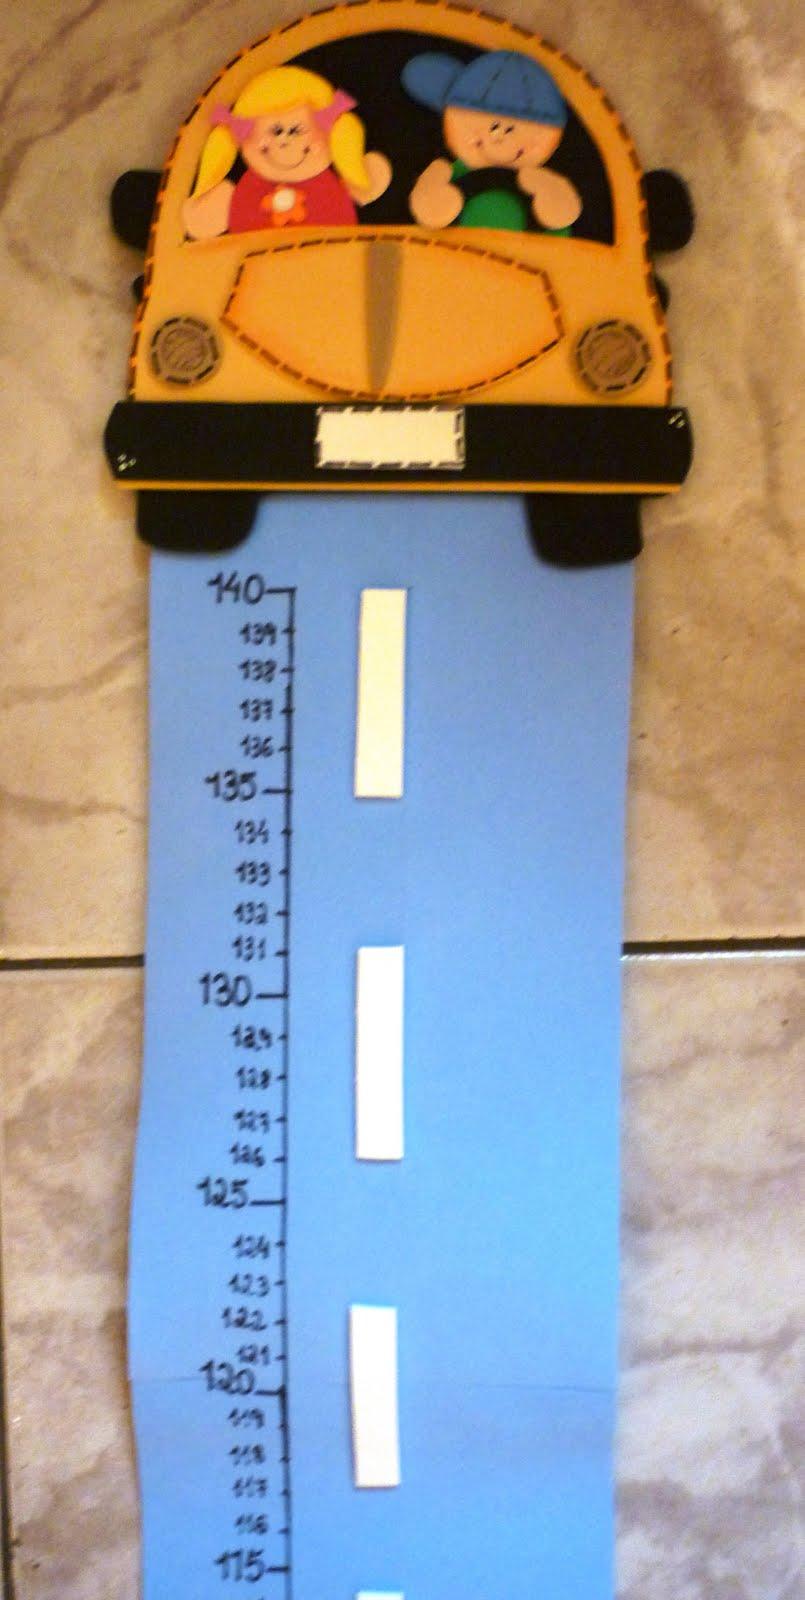 regua metrica em eva sala de aula escola (2)